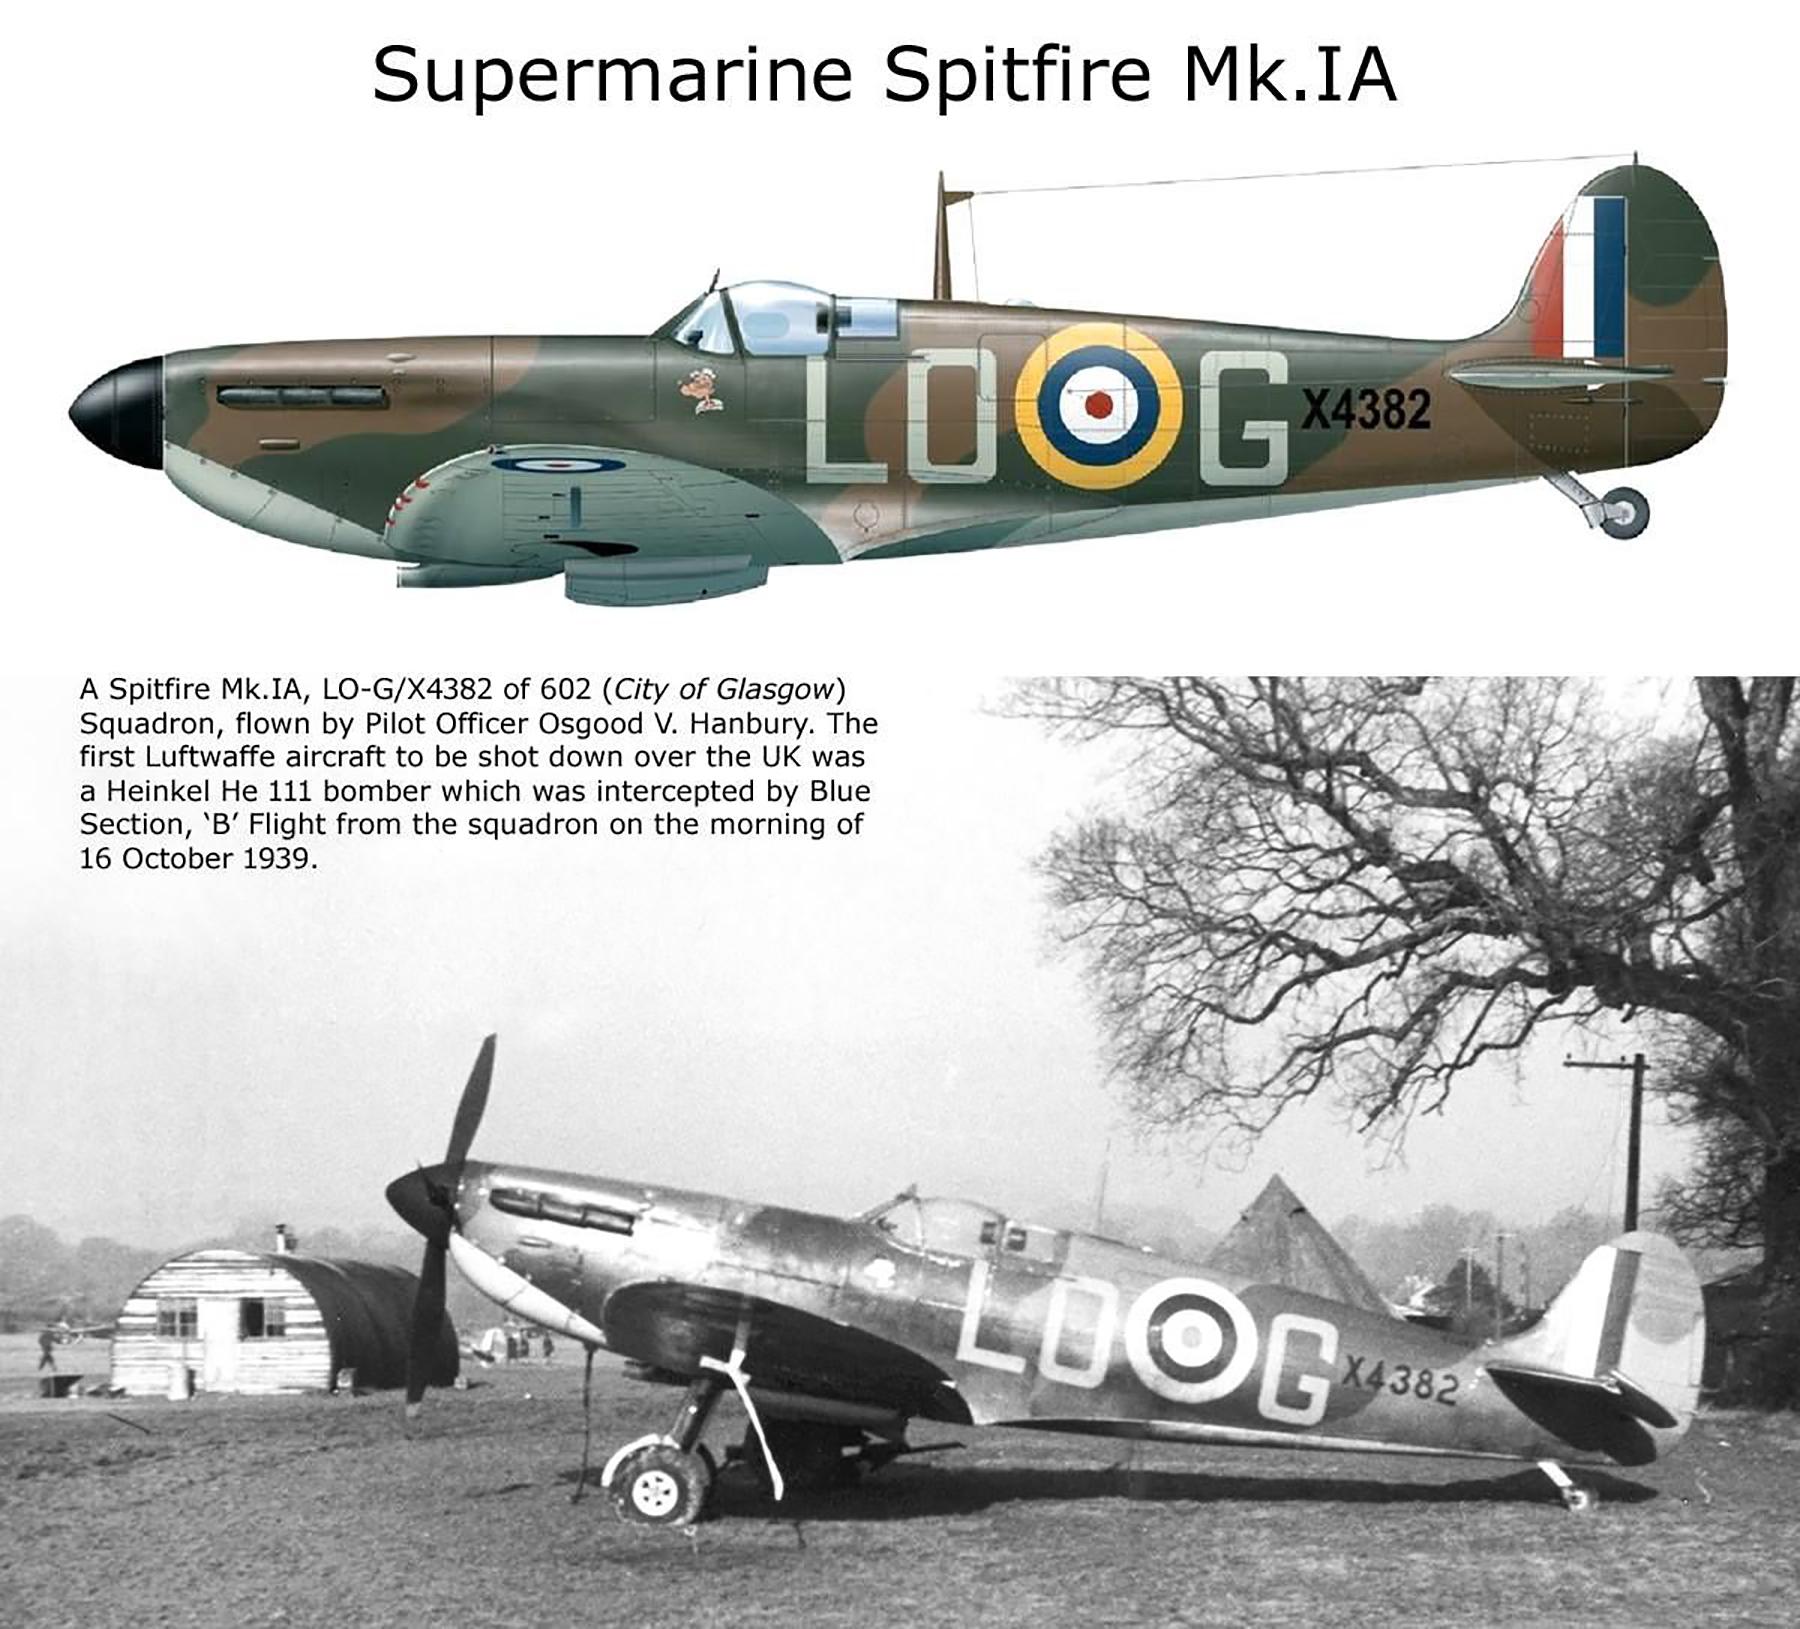 Spitfire MkIa RAF 602Sqn LOG Osgood Hanbury X4382 Westhampnett Sep 1940 02